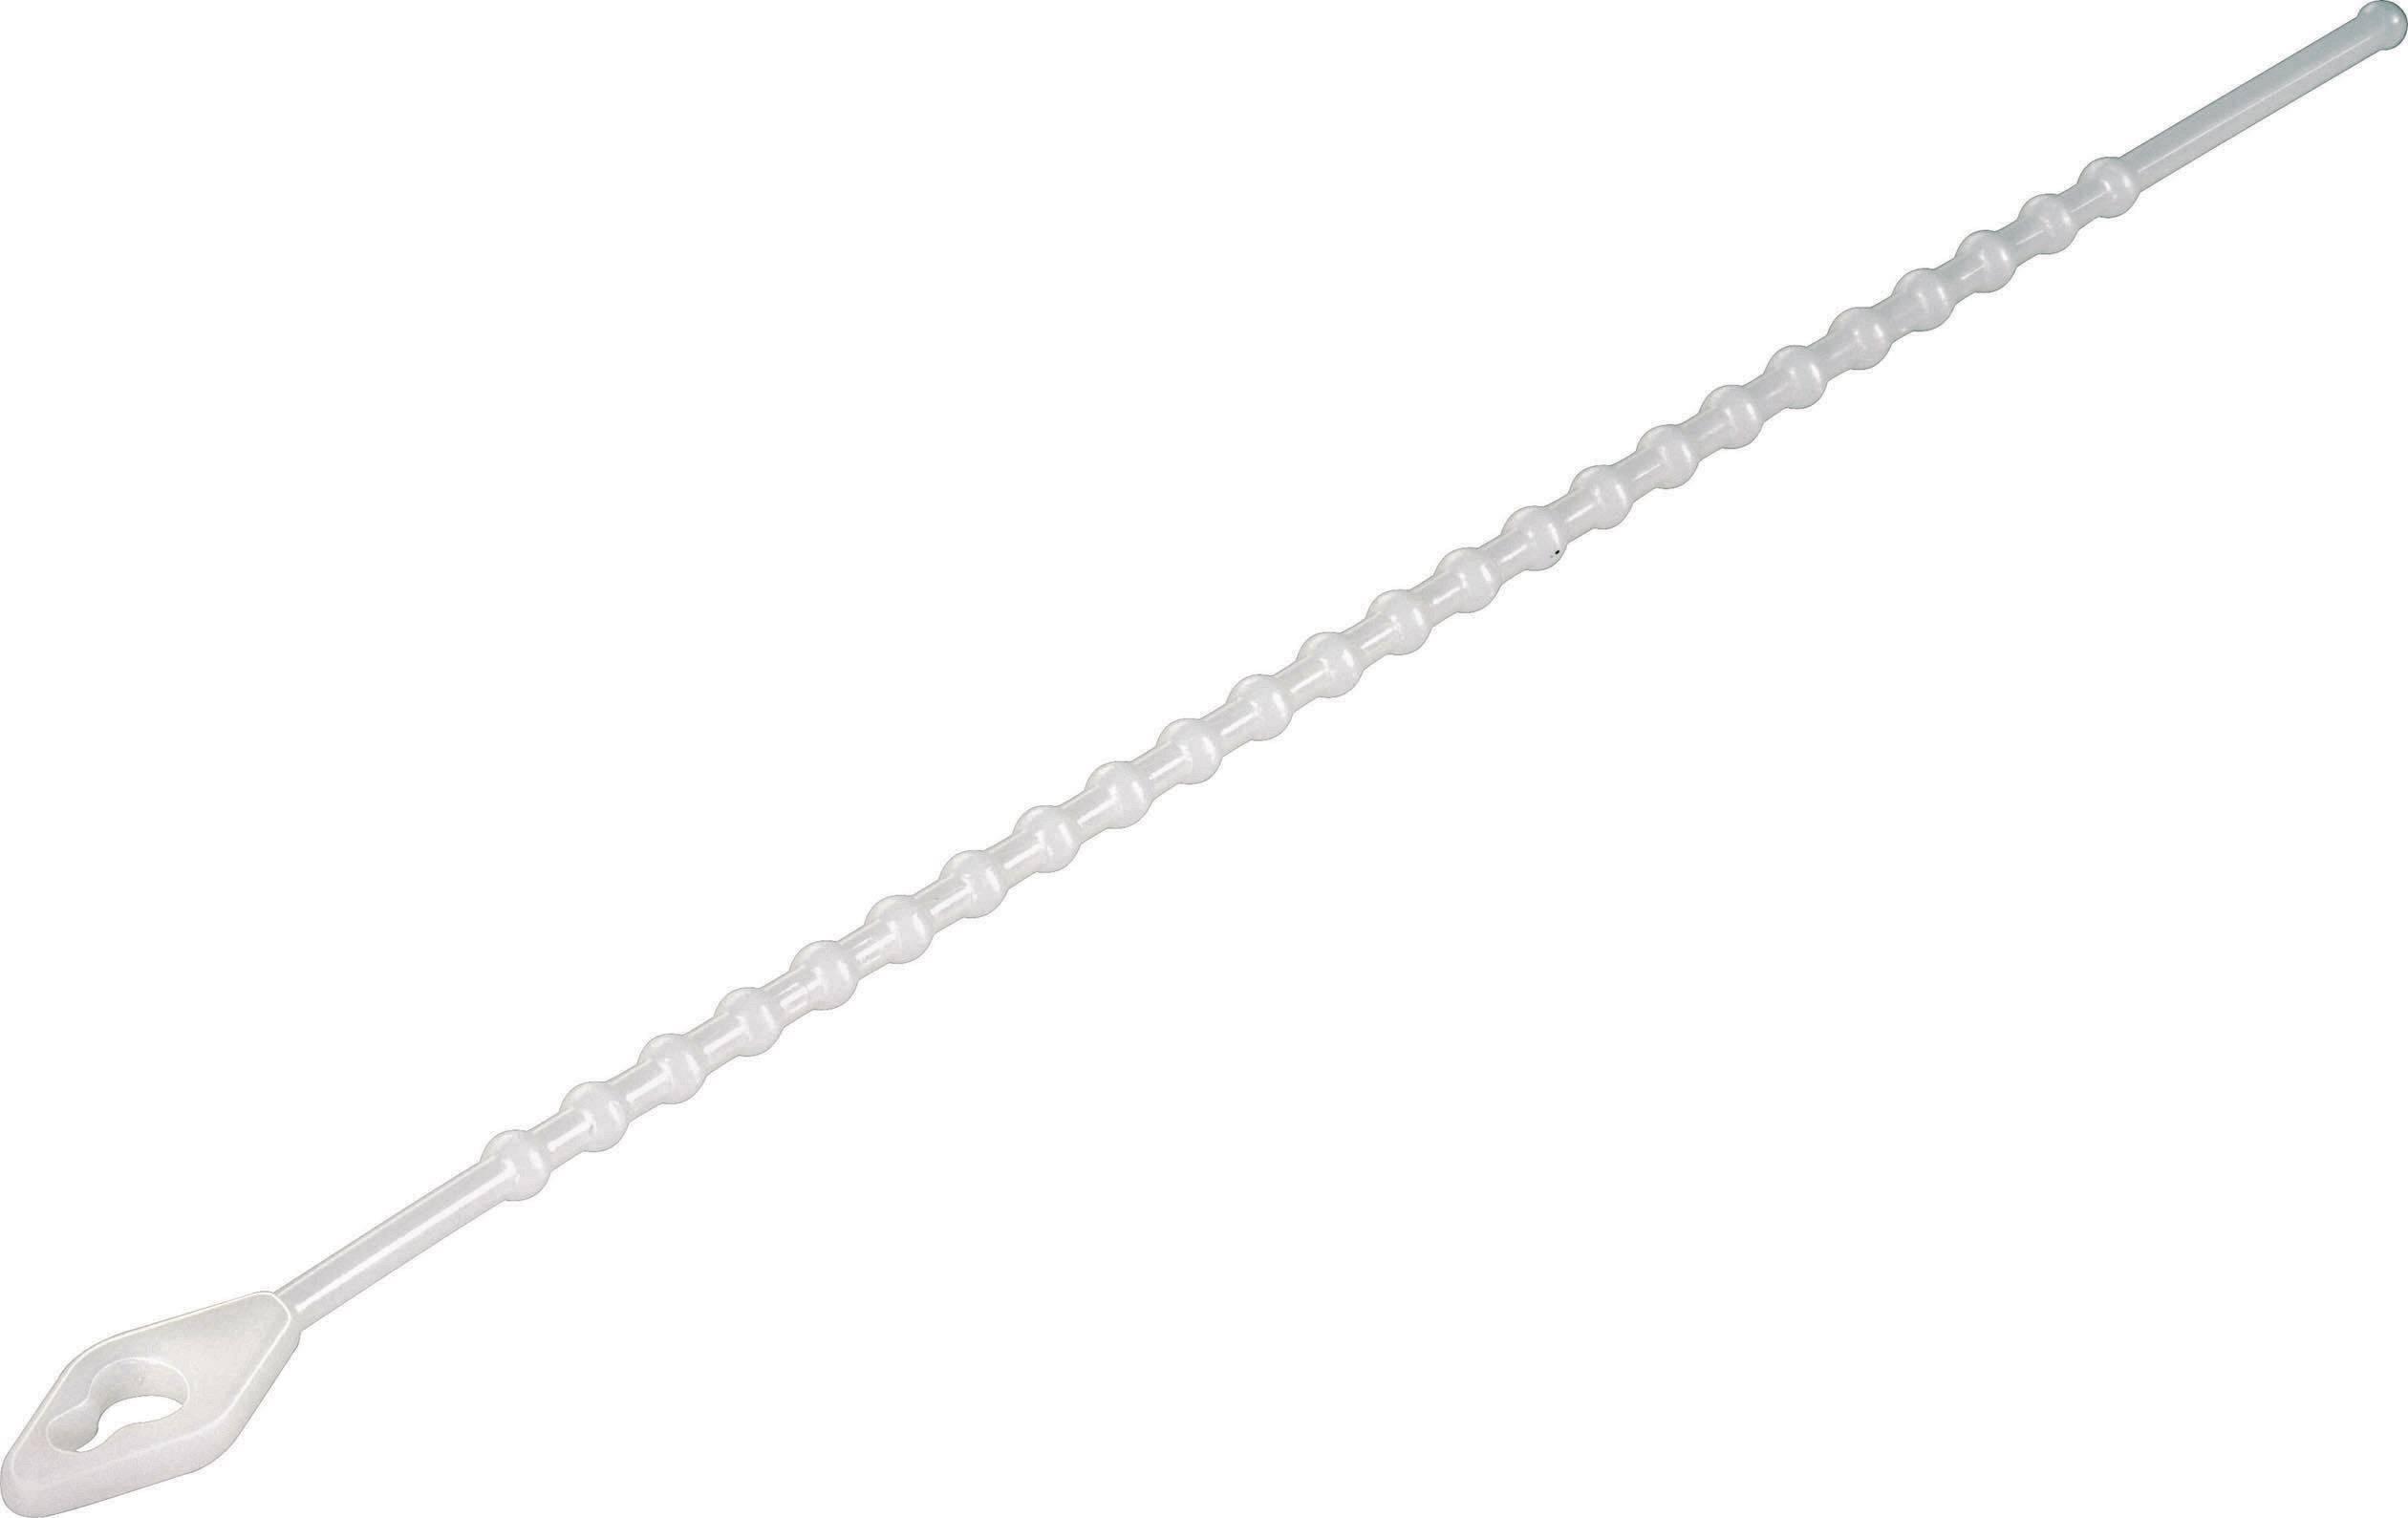 Guľôčková sťahovacia páska KSS TV150 541568, 150 mm, prírodná, 100 ks